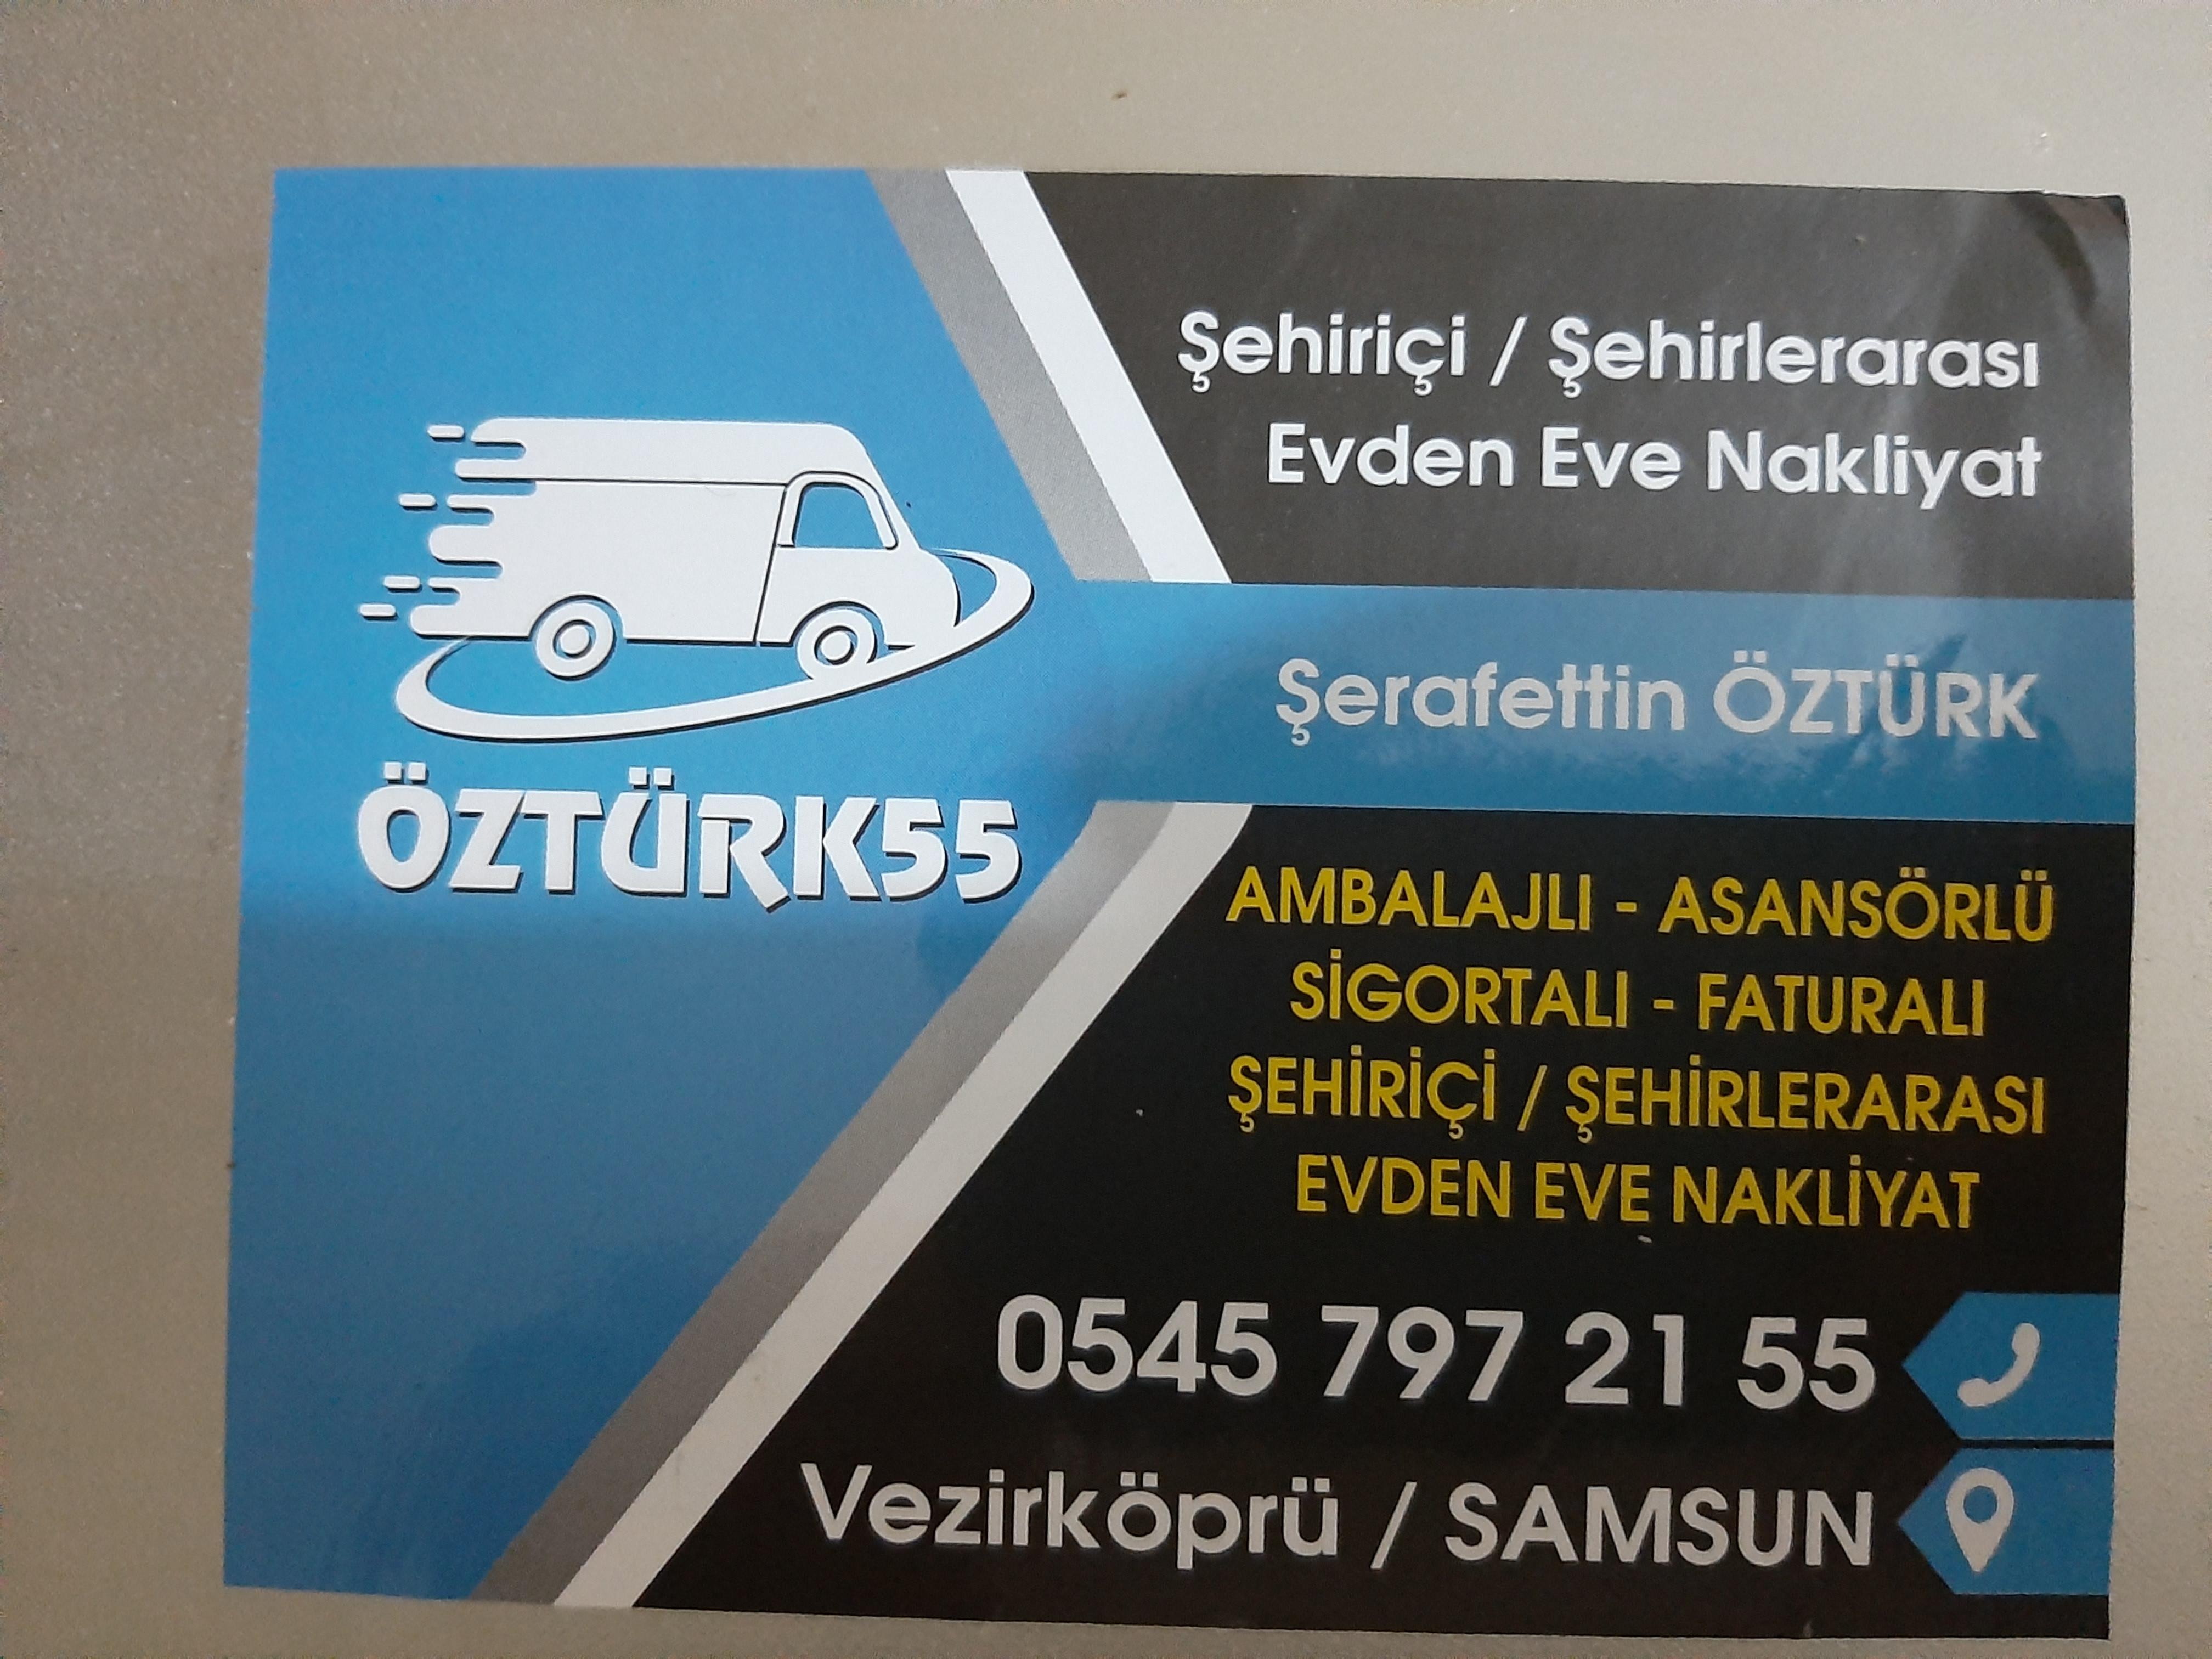 ÖZTÜRK 55EVDEN EVE NAKLİYAT  Evden eve nakliye firması